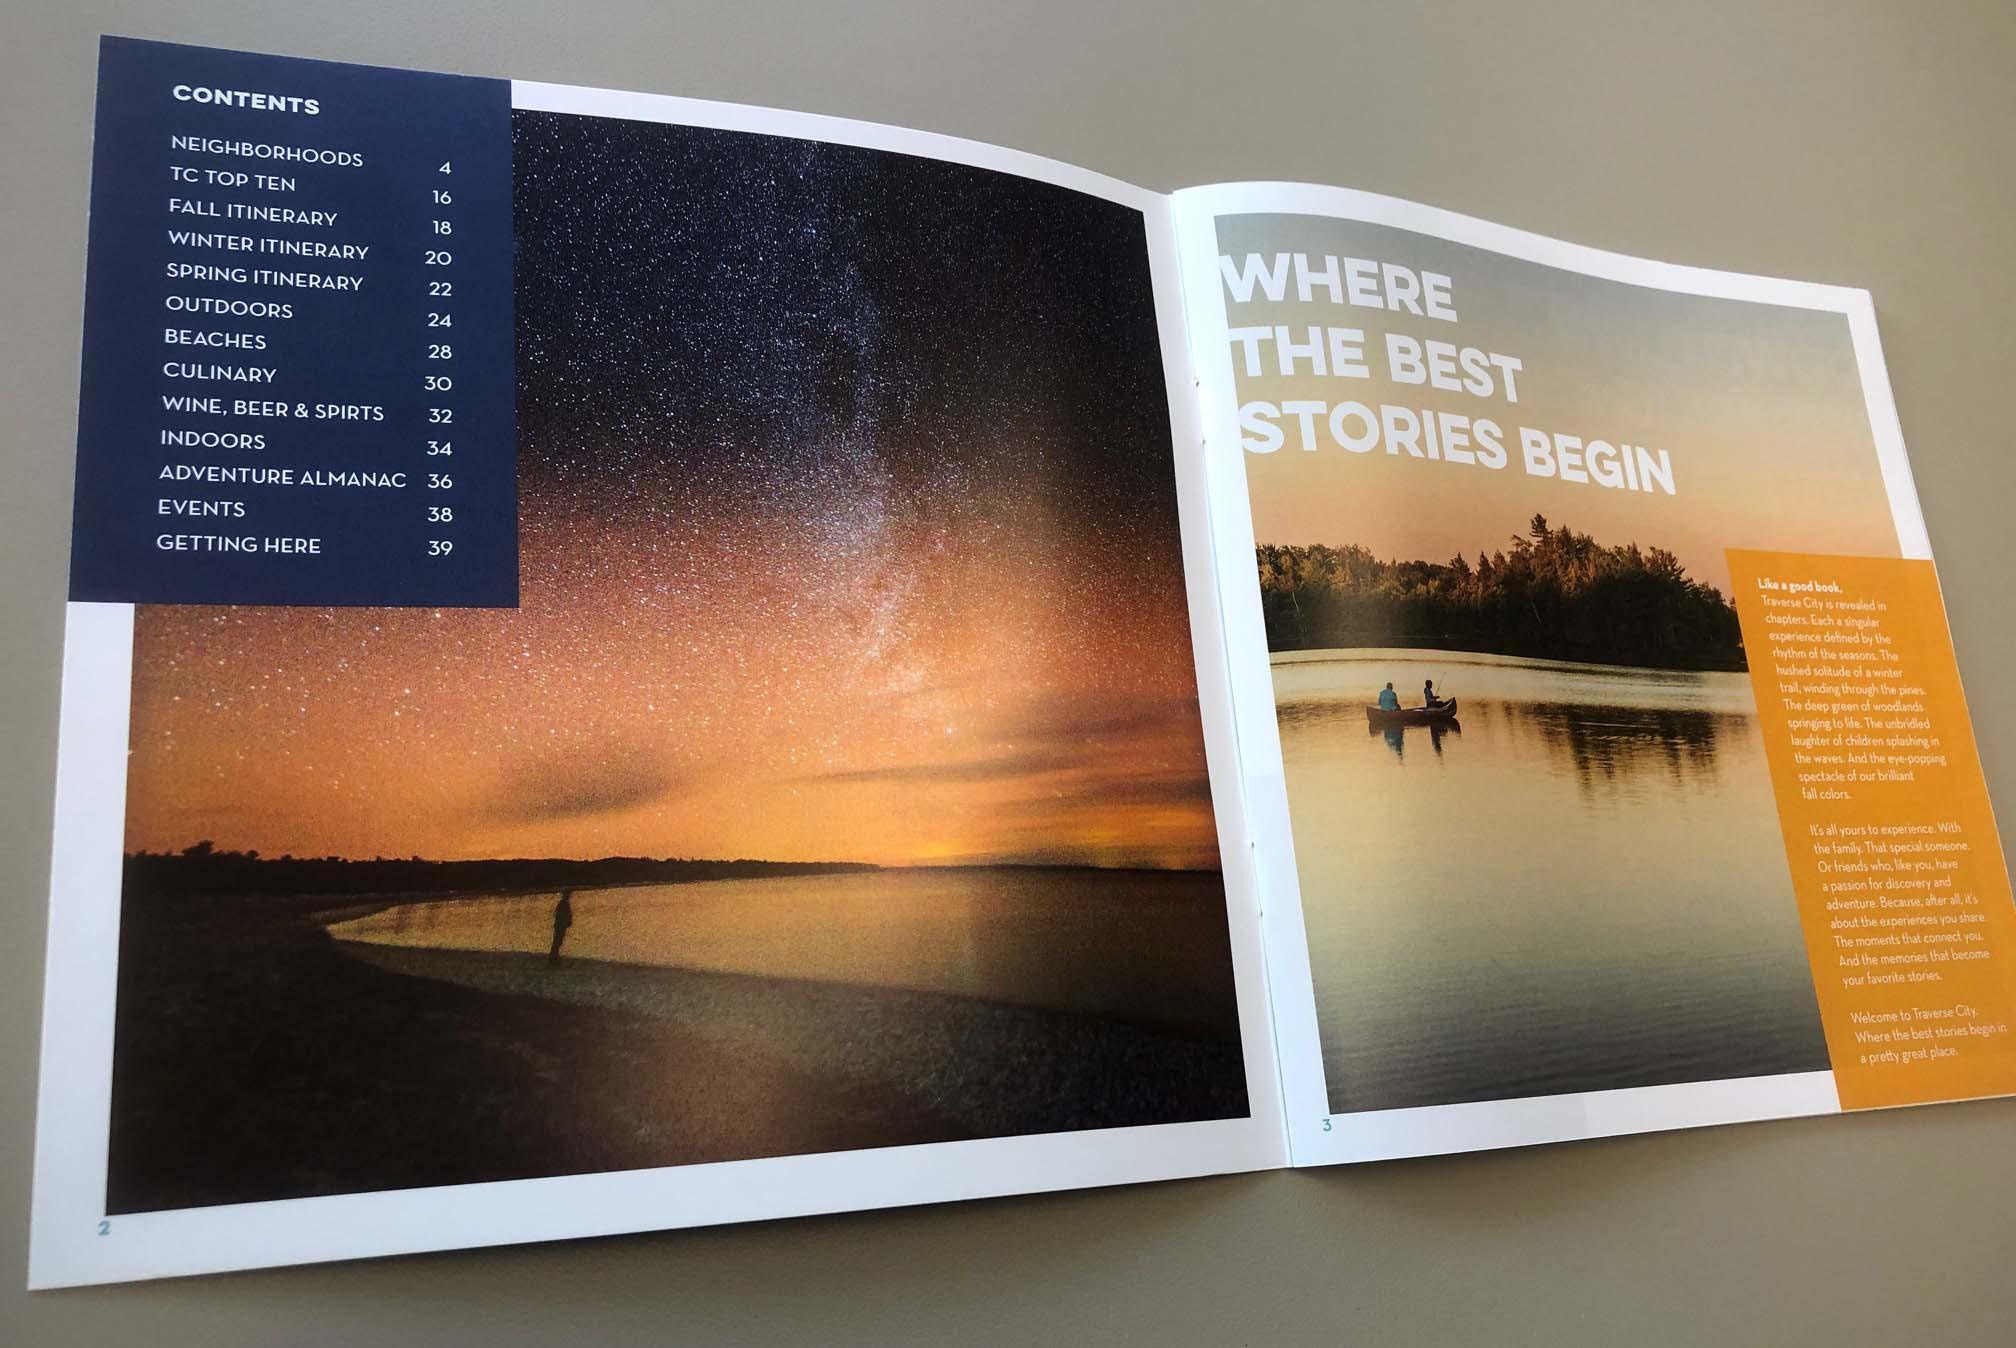 Traverse City Tourism booklet image